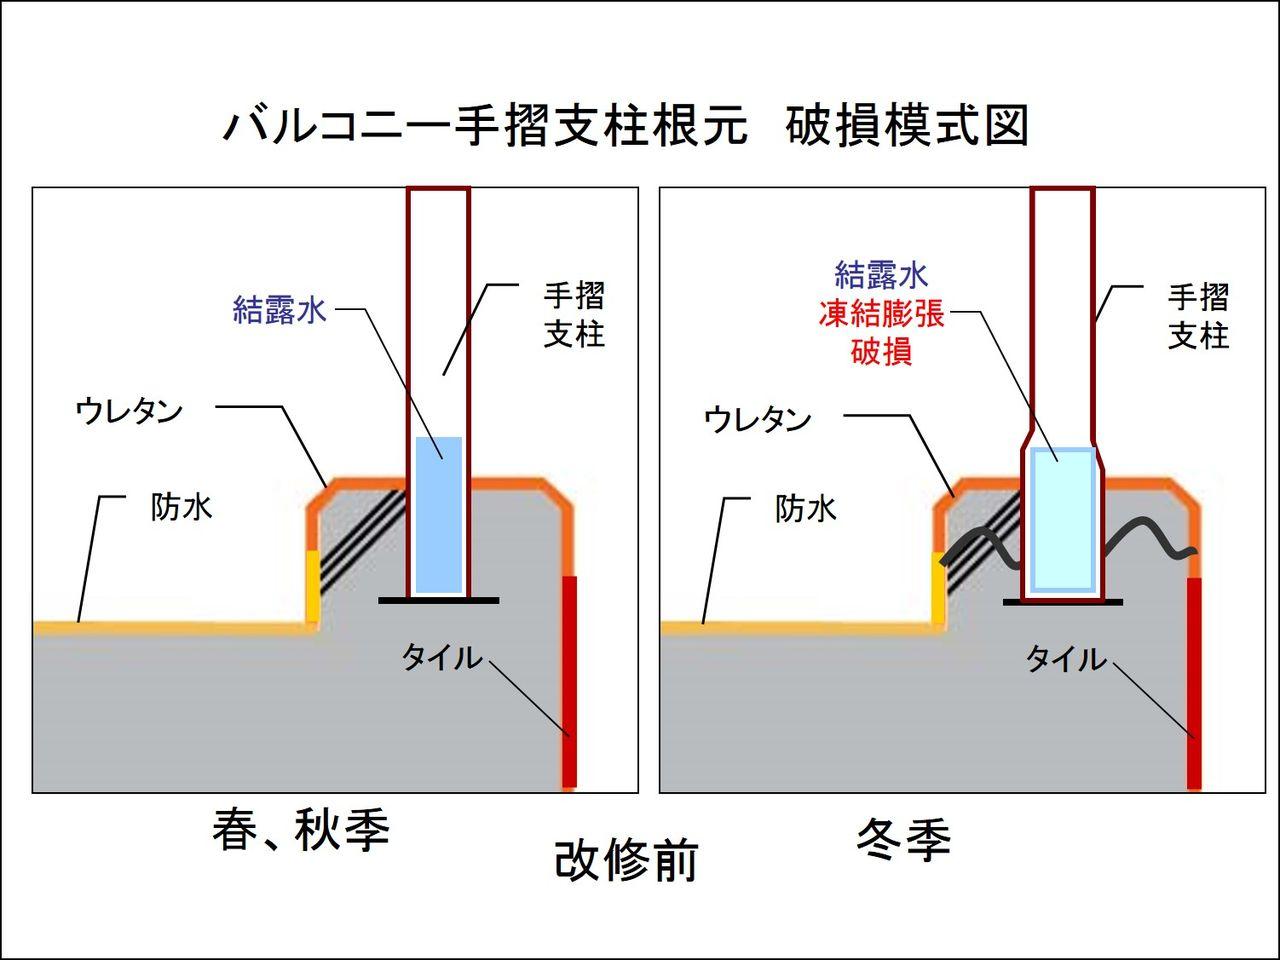 図1 - コピー